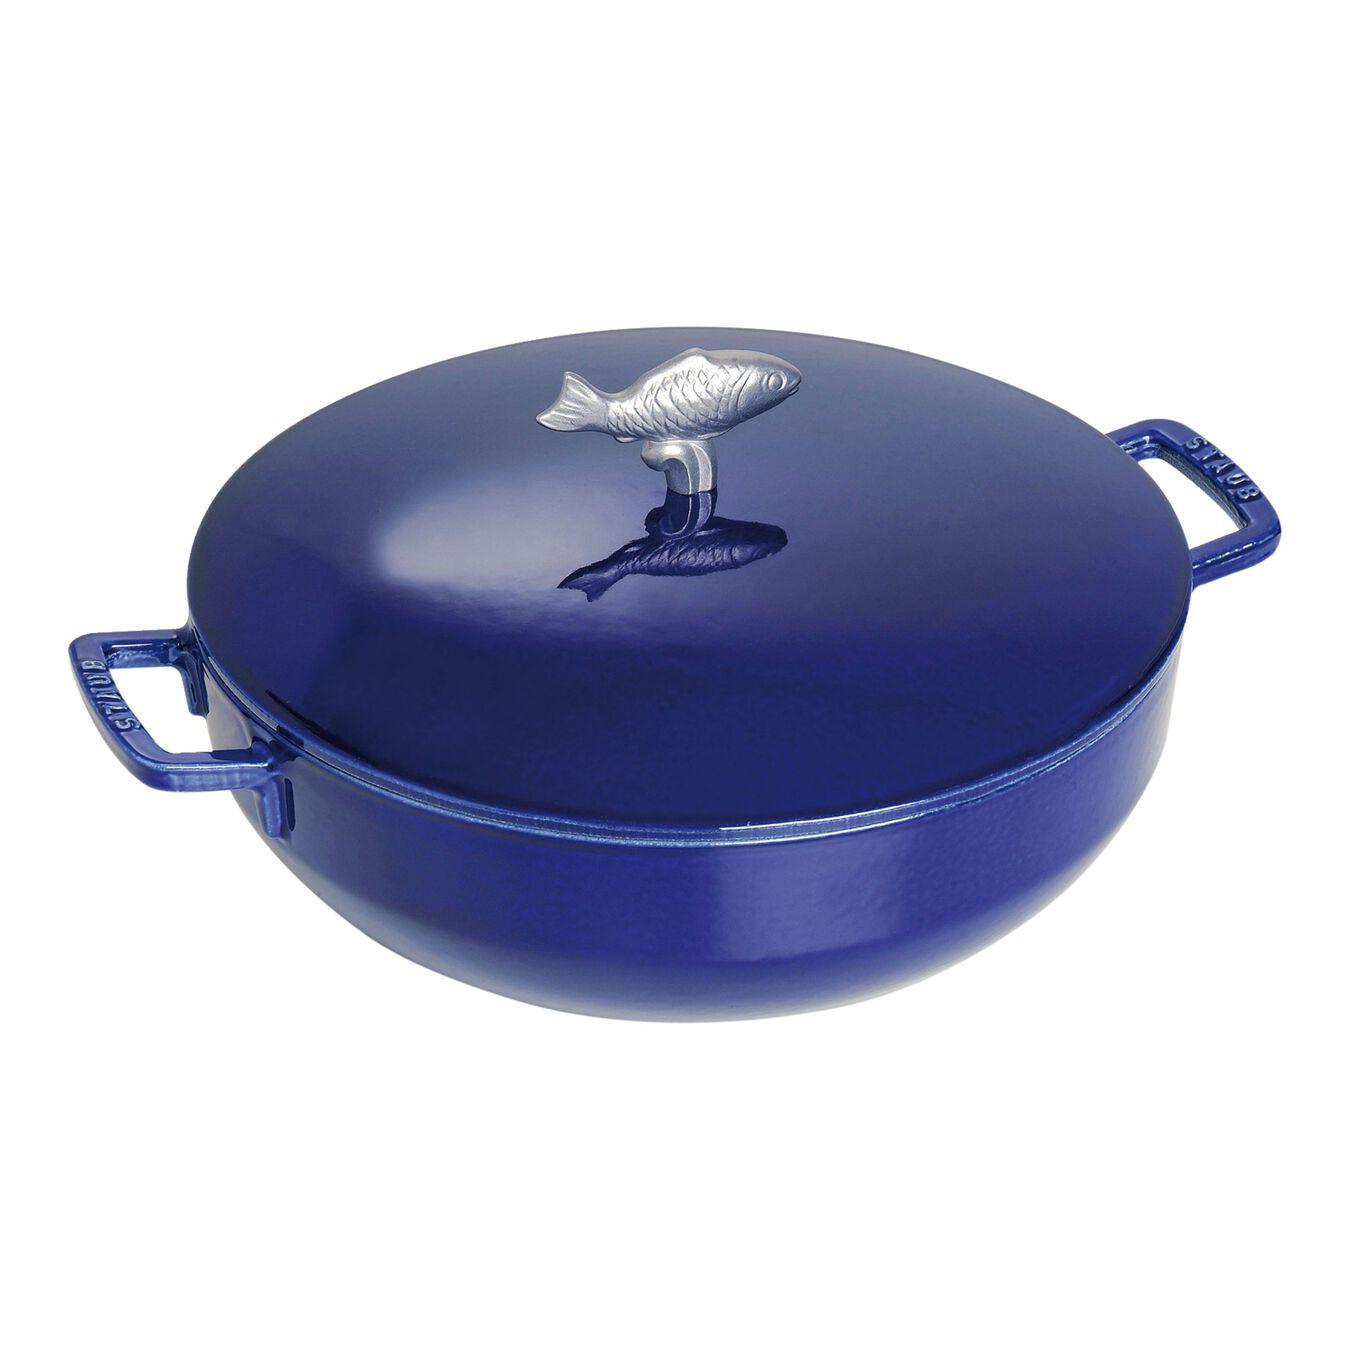 Tegame bouillabaisse rotondo - 28 cm, blu scuro,,large 1